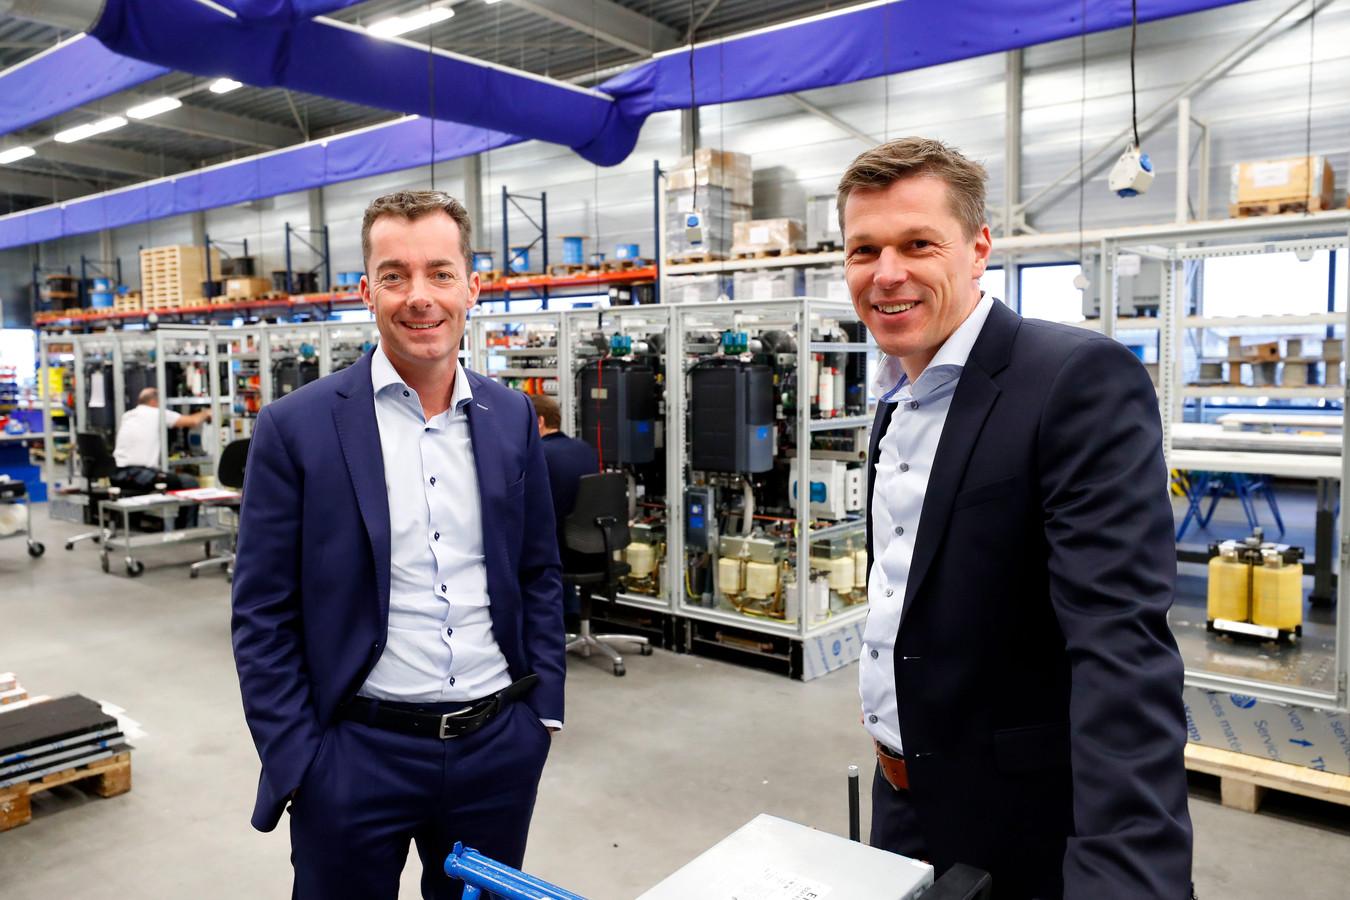 Directieleden Joop Essing (links) en Marc van Happen in de bedrijfsruimte van VHE in Eindhoven.